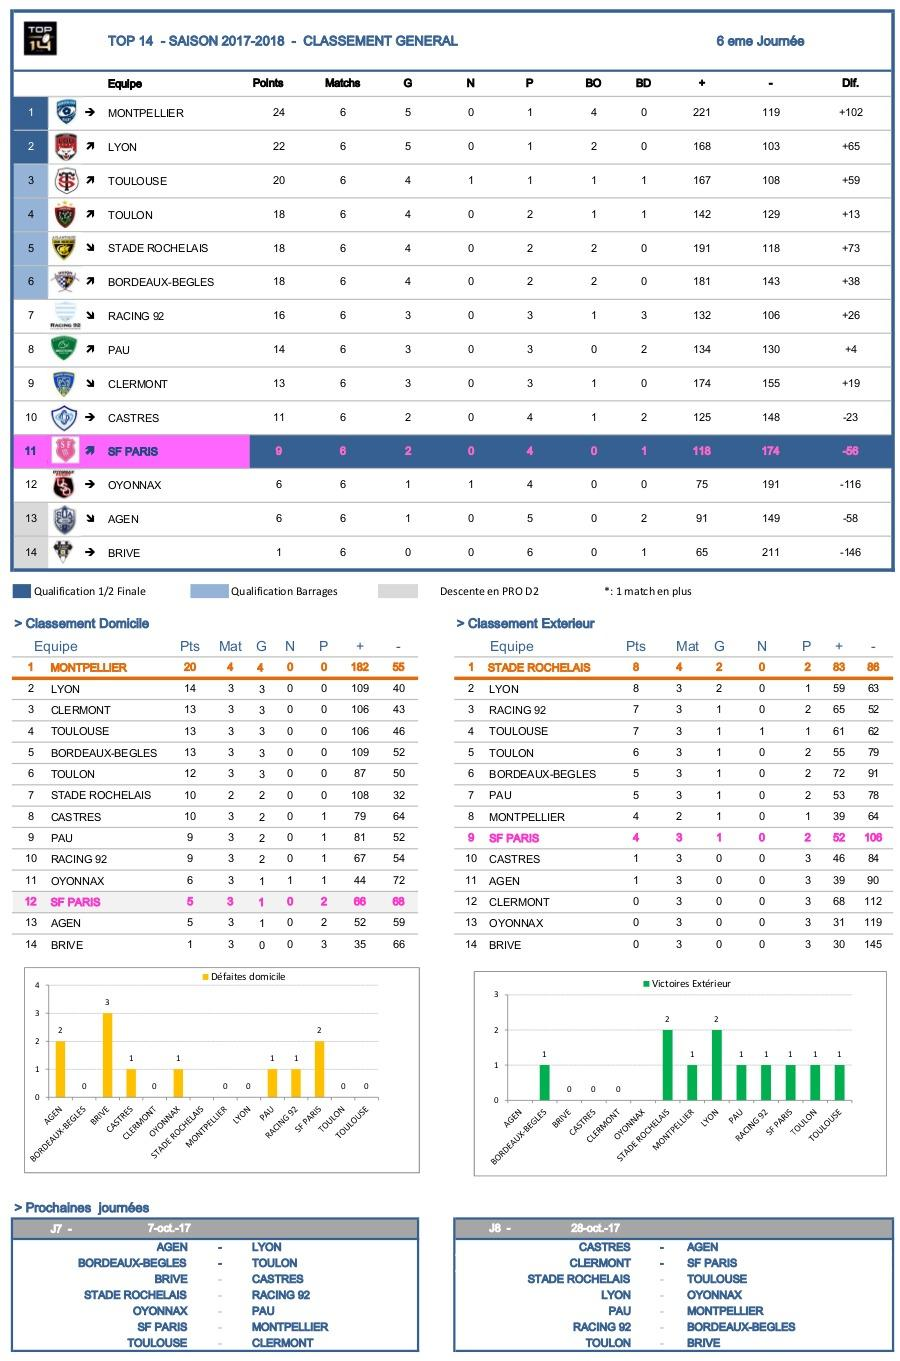 J6 Top 14 2017-2018 – Les statistiques complètes de la journée